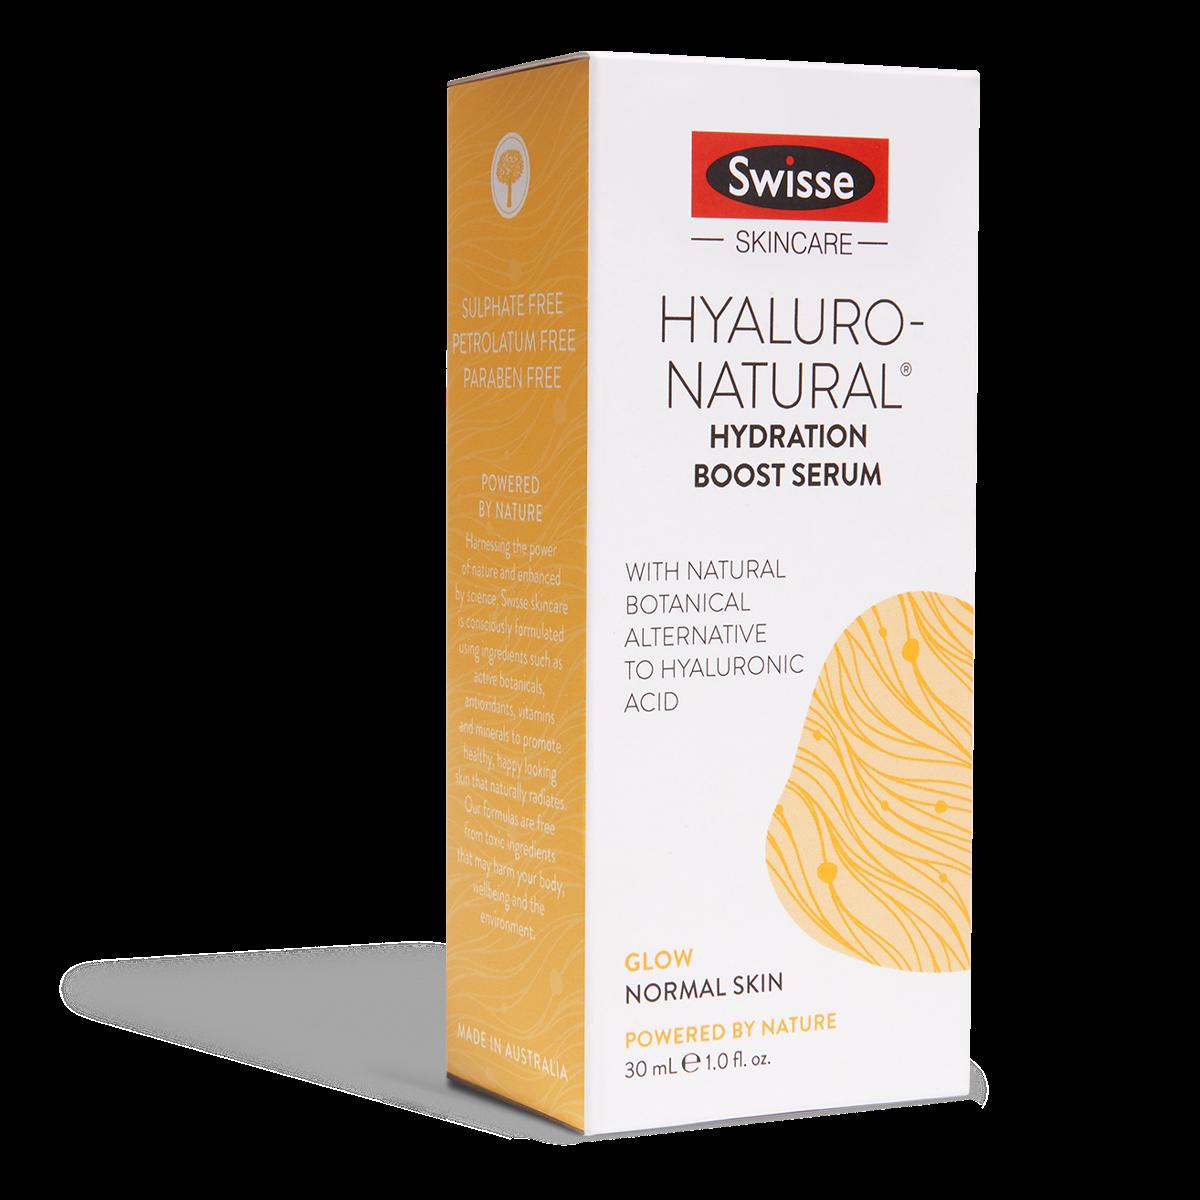 Swisse Hyaluro Serum Carton Angle